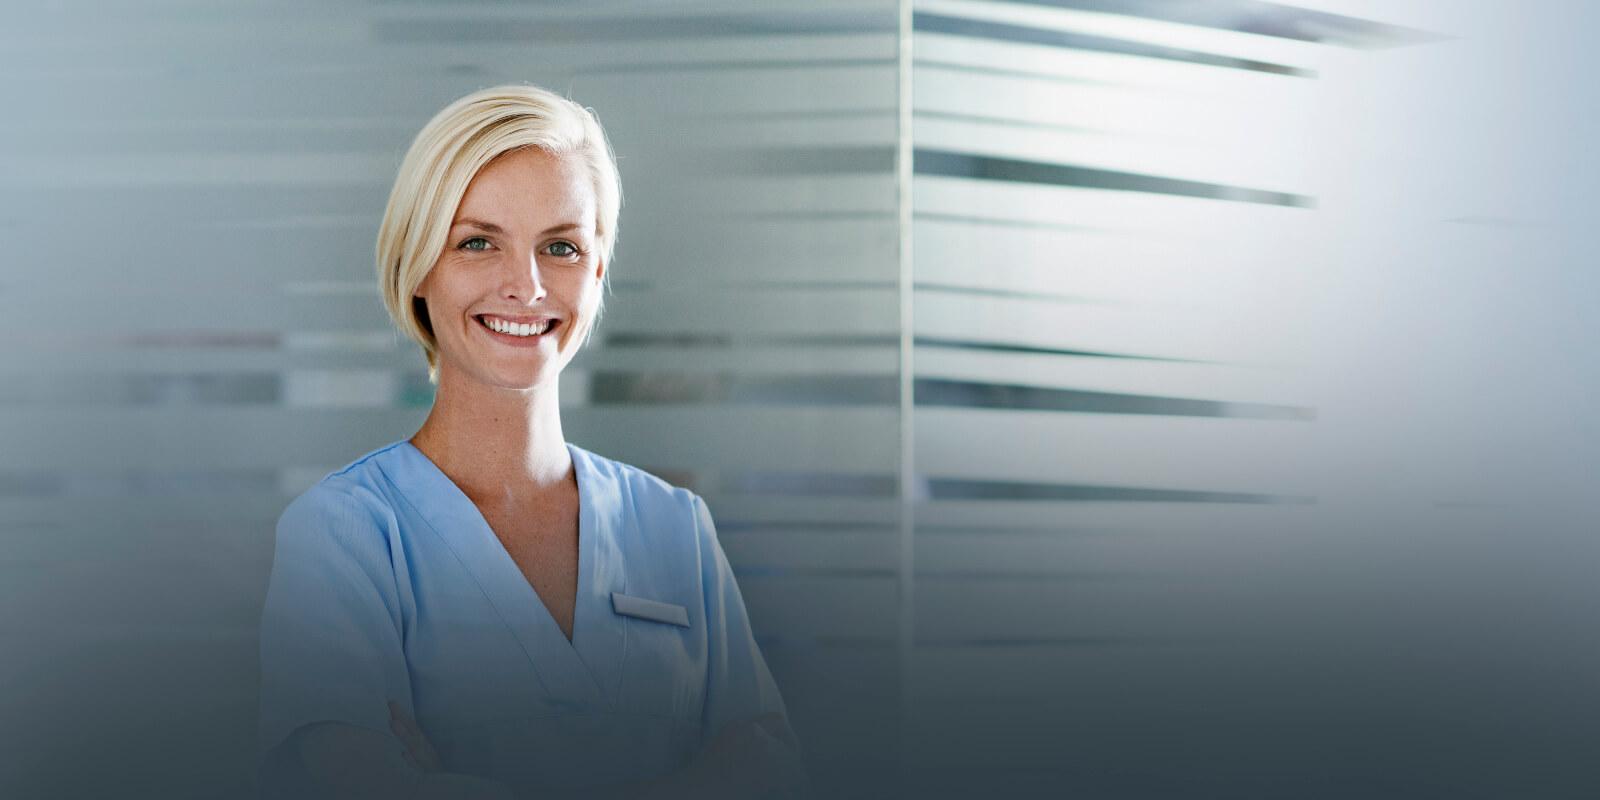 Oppdatert Plastisk kirurgi i Oslo, Trondheim, Bergen og Tromsø - Volvat MF-76